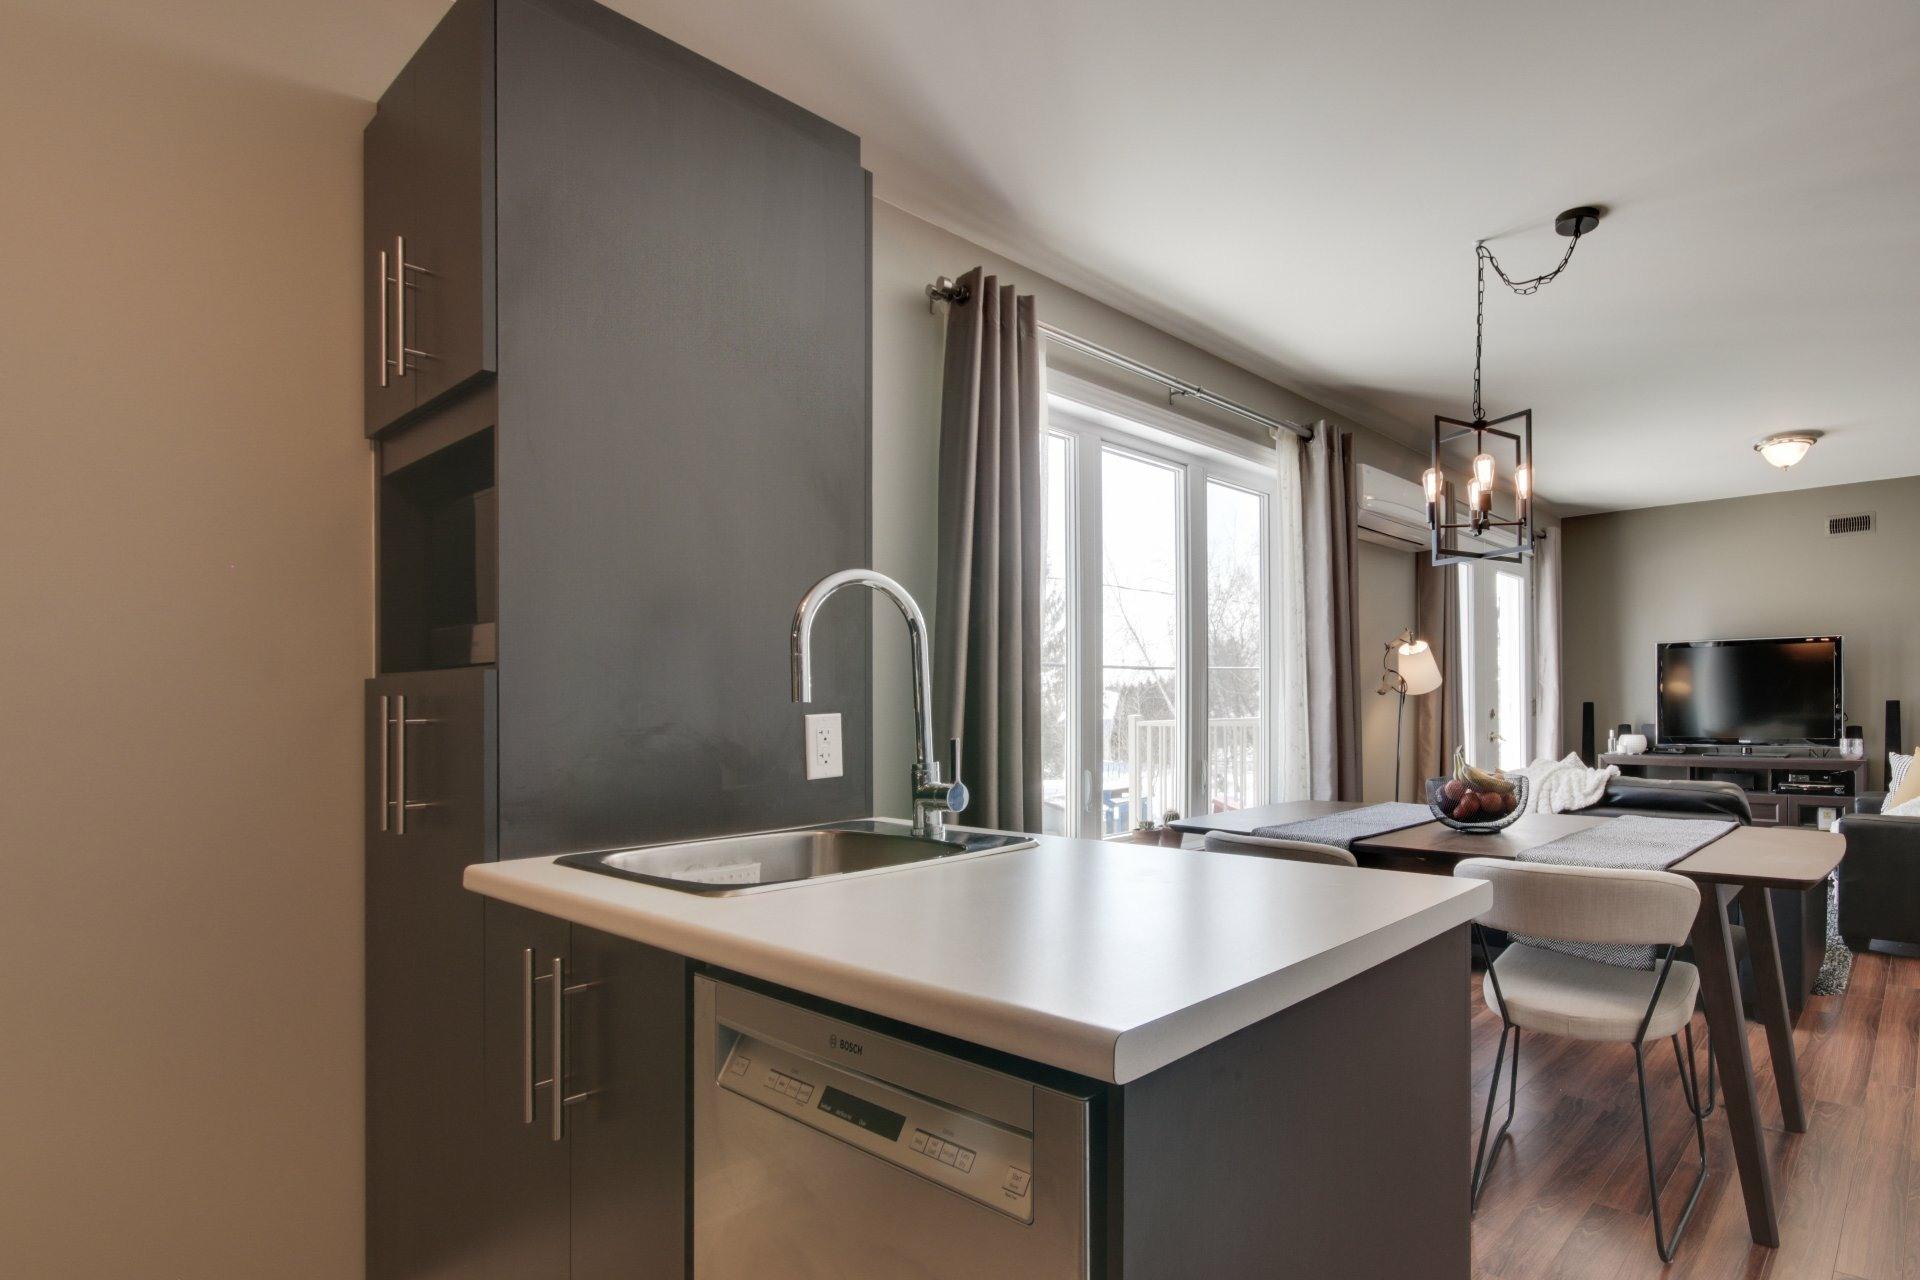 image 15 - Apartment For sale Trois-Rivières - 6 rooms